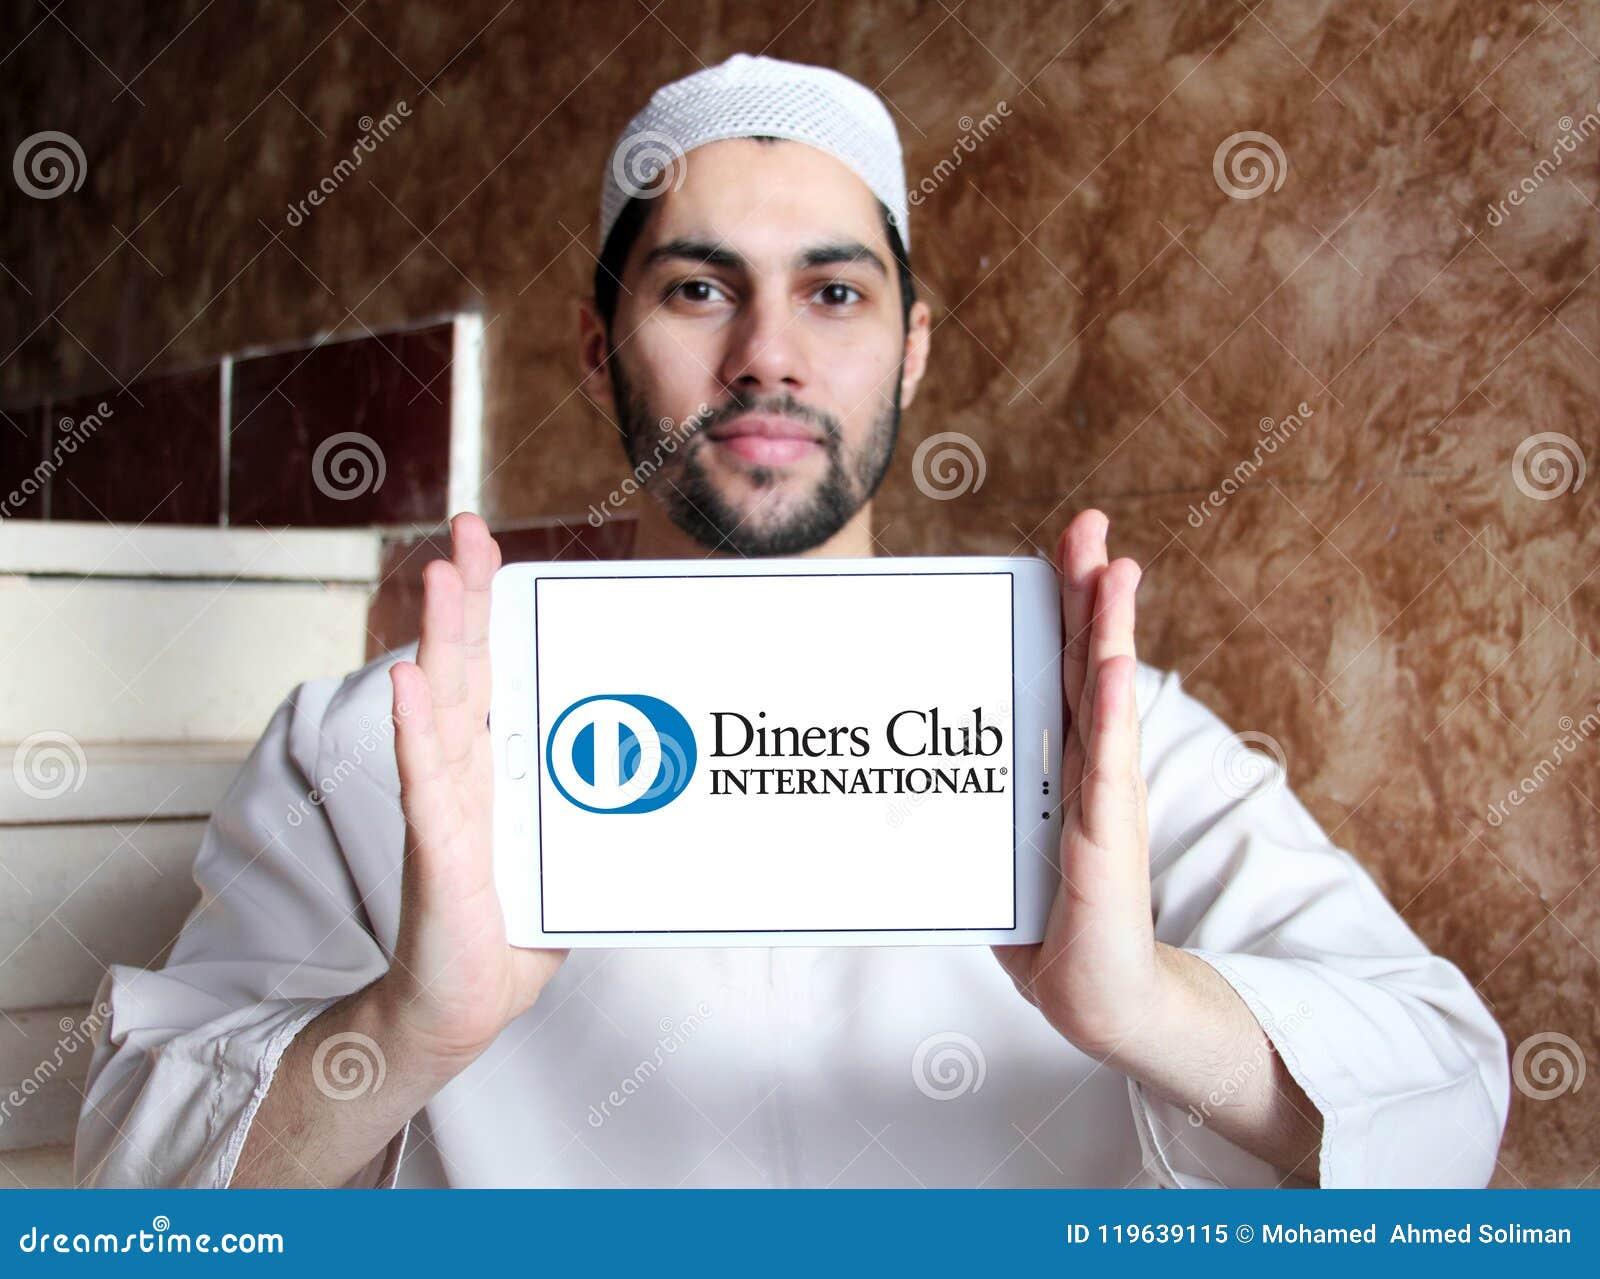 Restaurant-Club Internationallogo